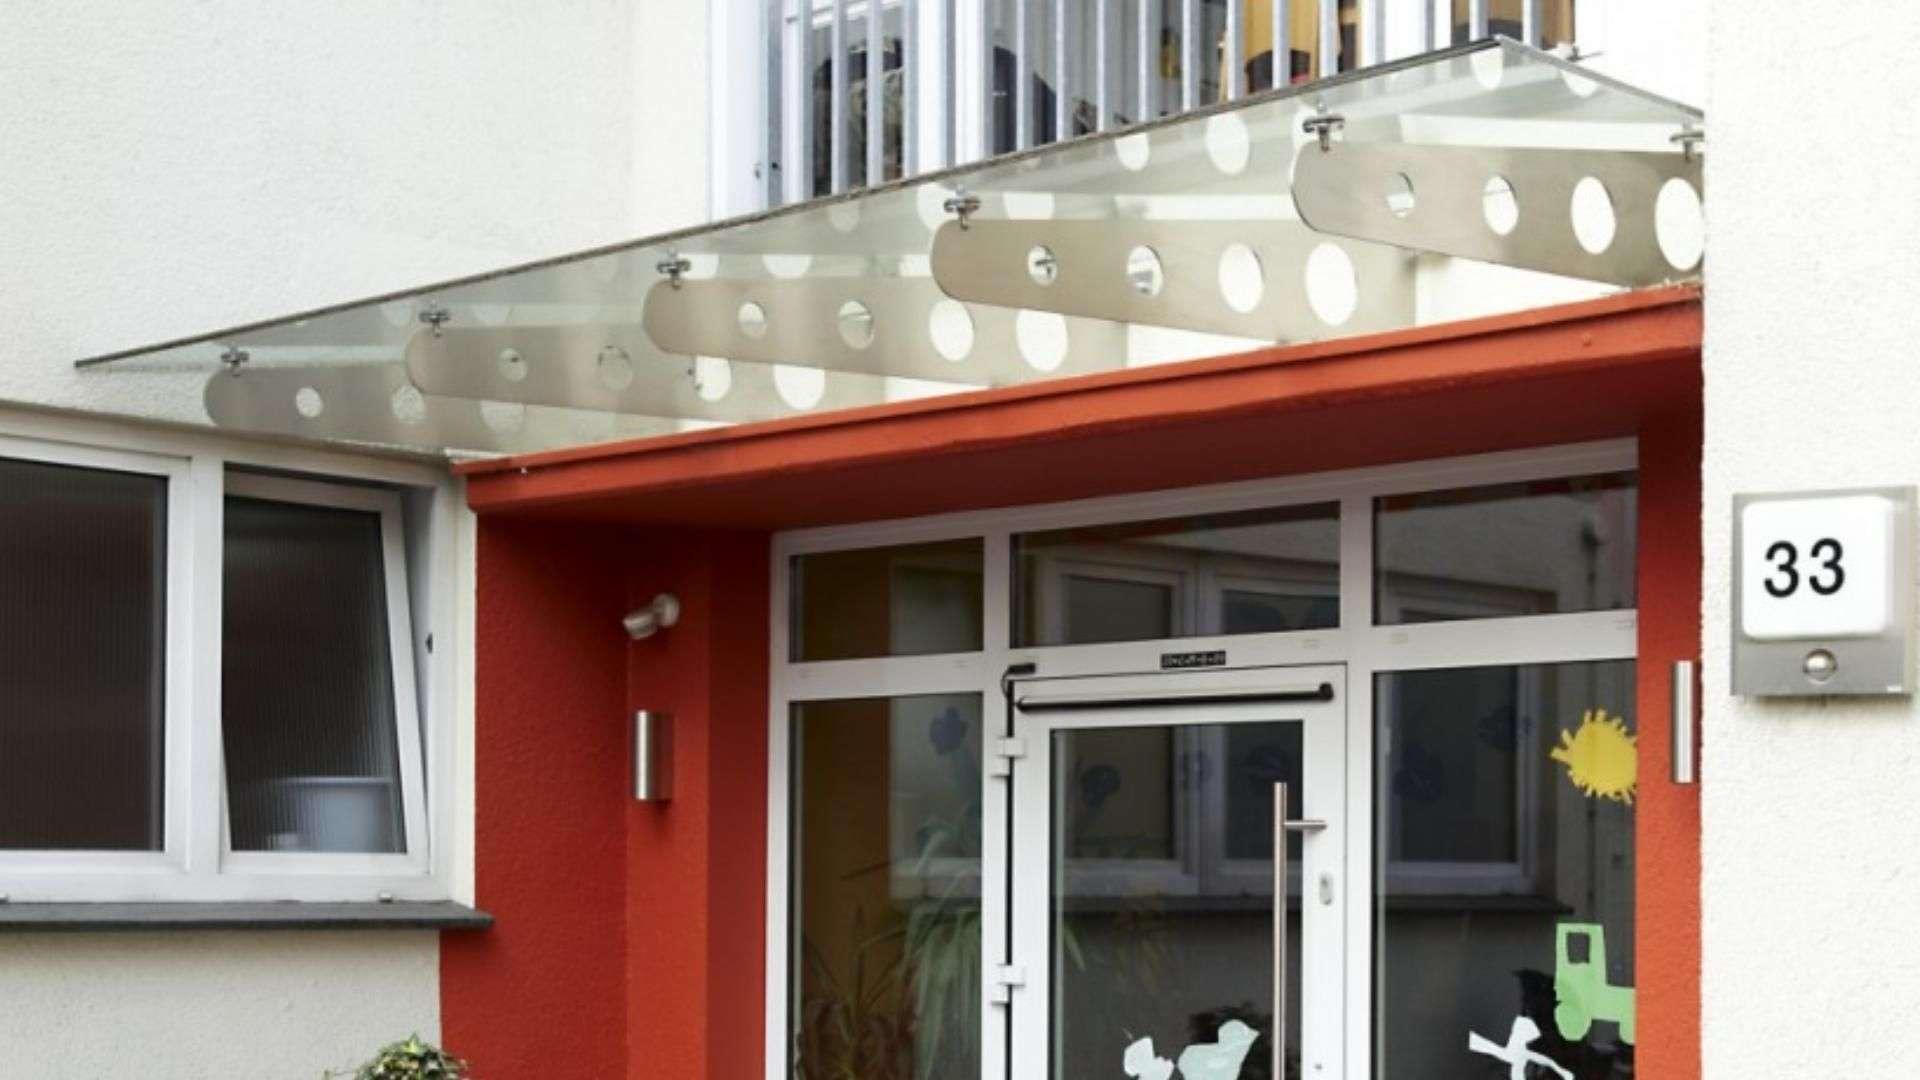 Vordach aus Glas über einer weißen Haustür